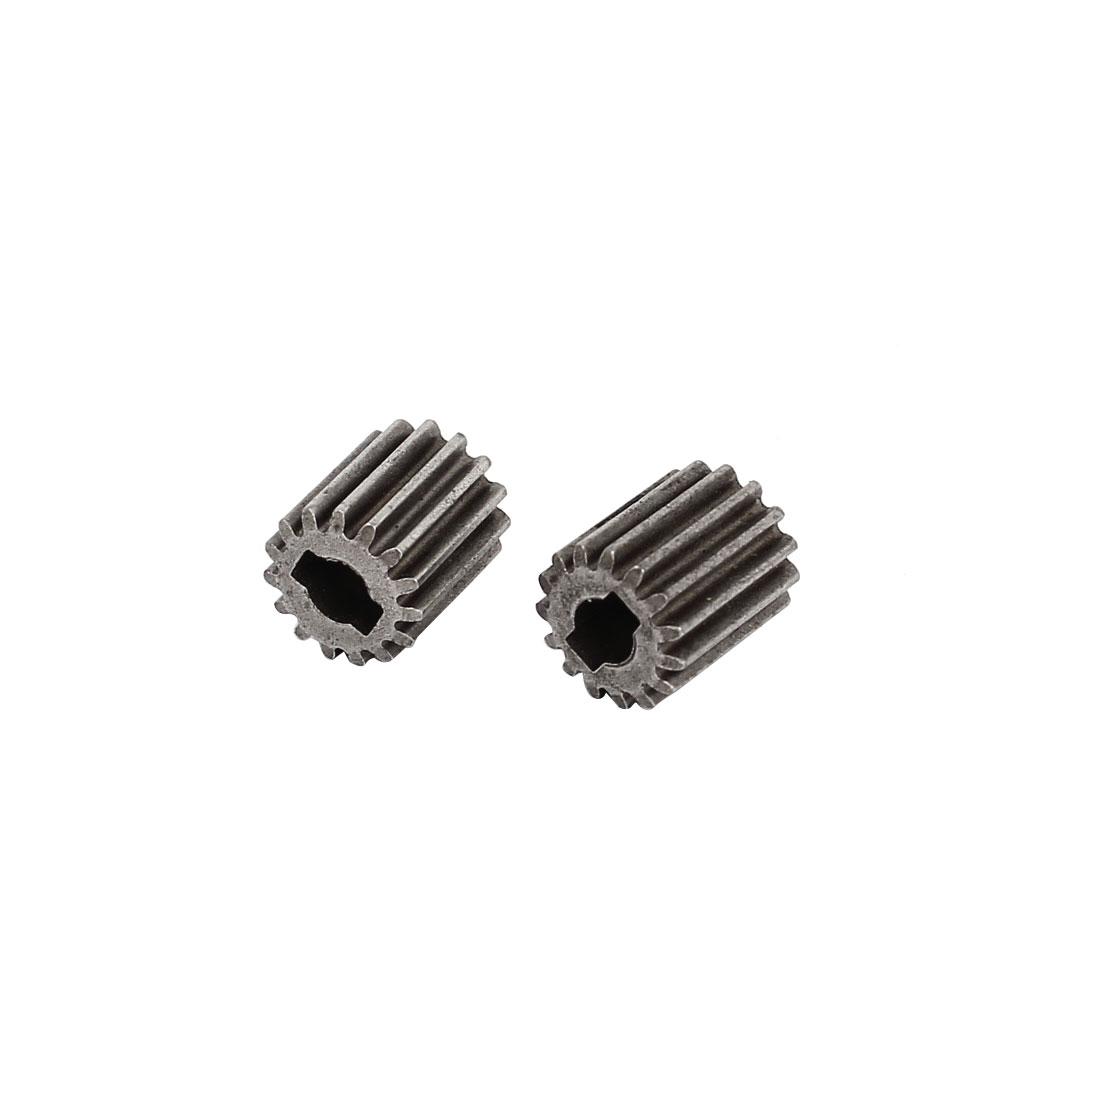 2pcs 8.5 x 10 x 3mm 15 Teeth Metal Gear Cog Wheel for DIY Toy Car Motor Shaft